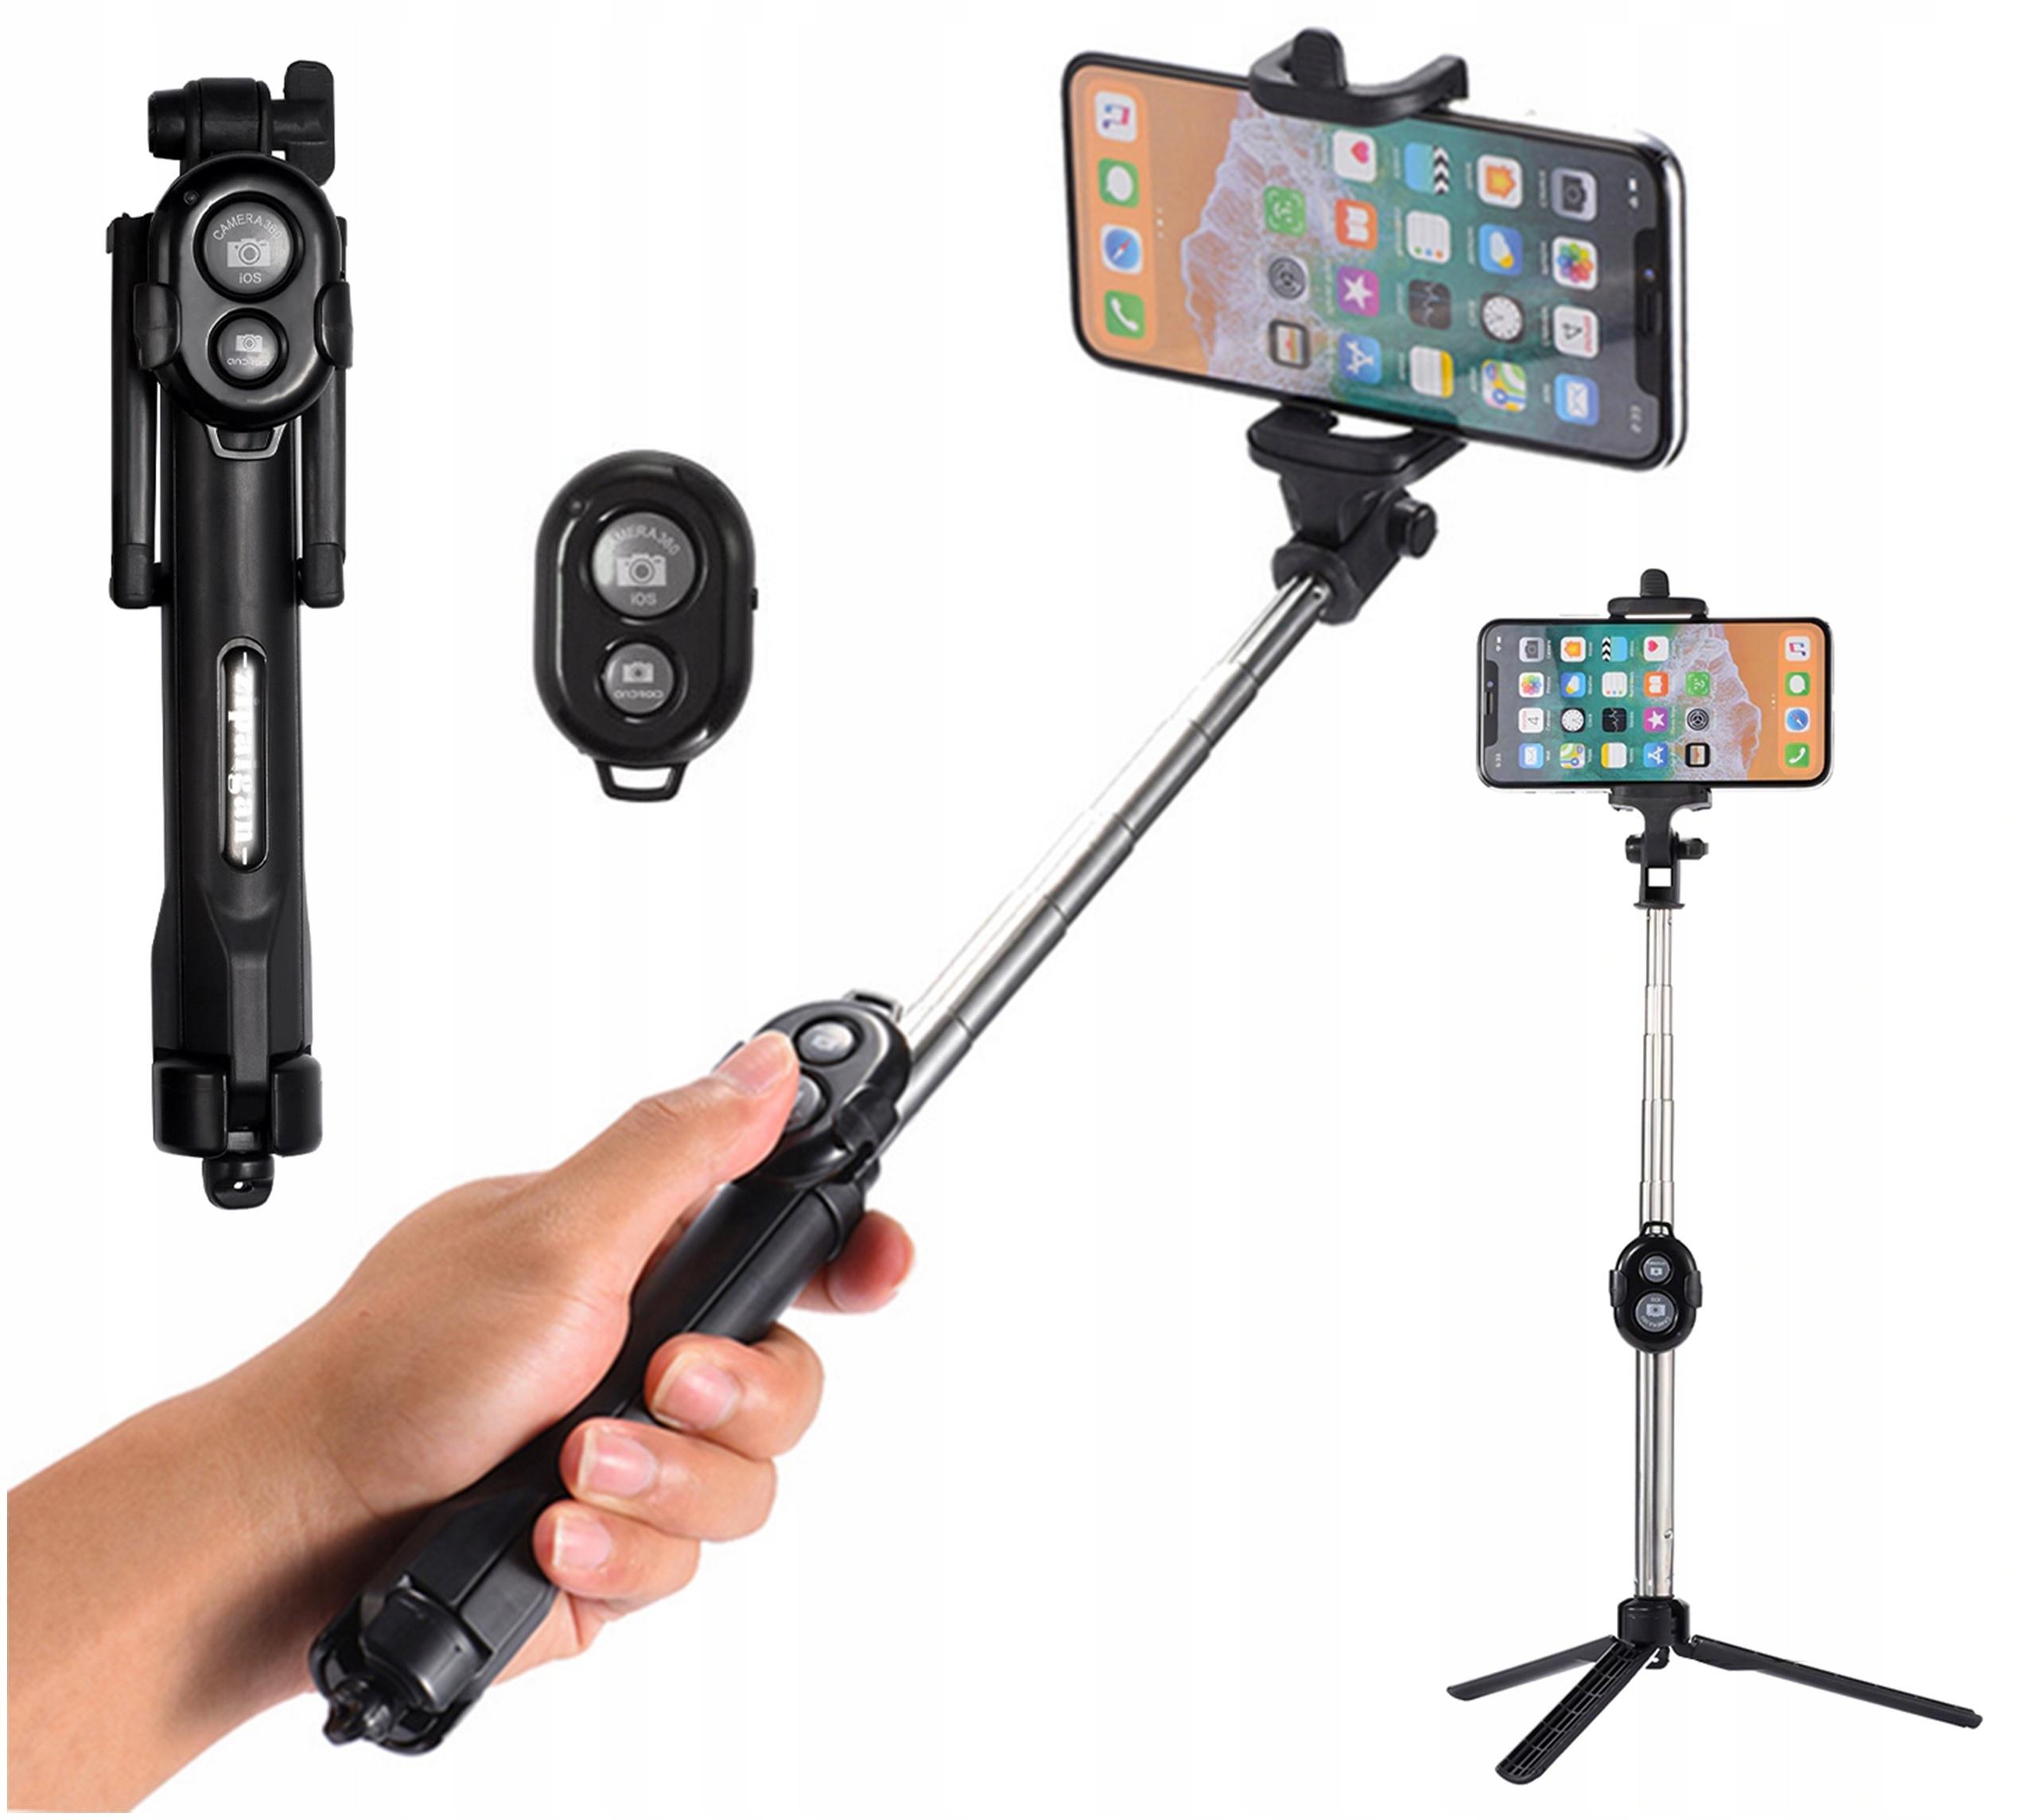 Monopod Kijek Patyk Stick Uchwyt Na Smartfon Do Zdjęć Selfie 3w1 Statyw Pilot